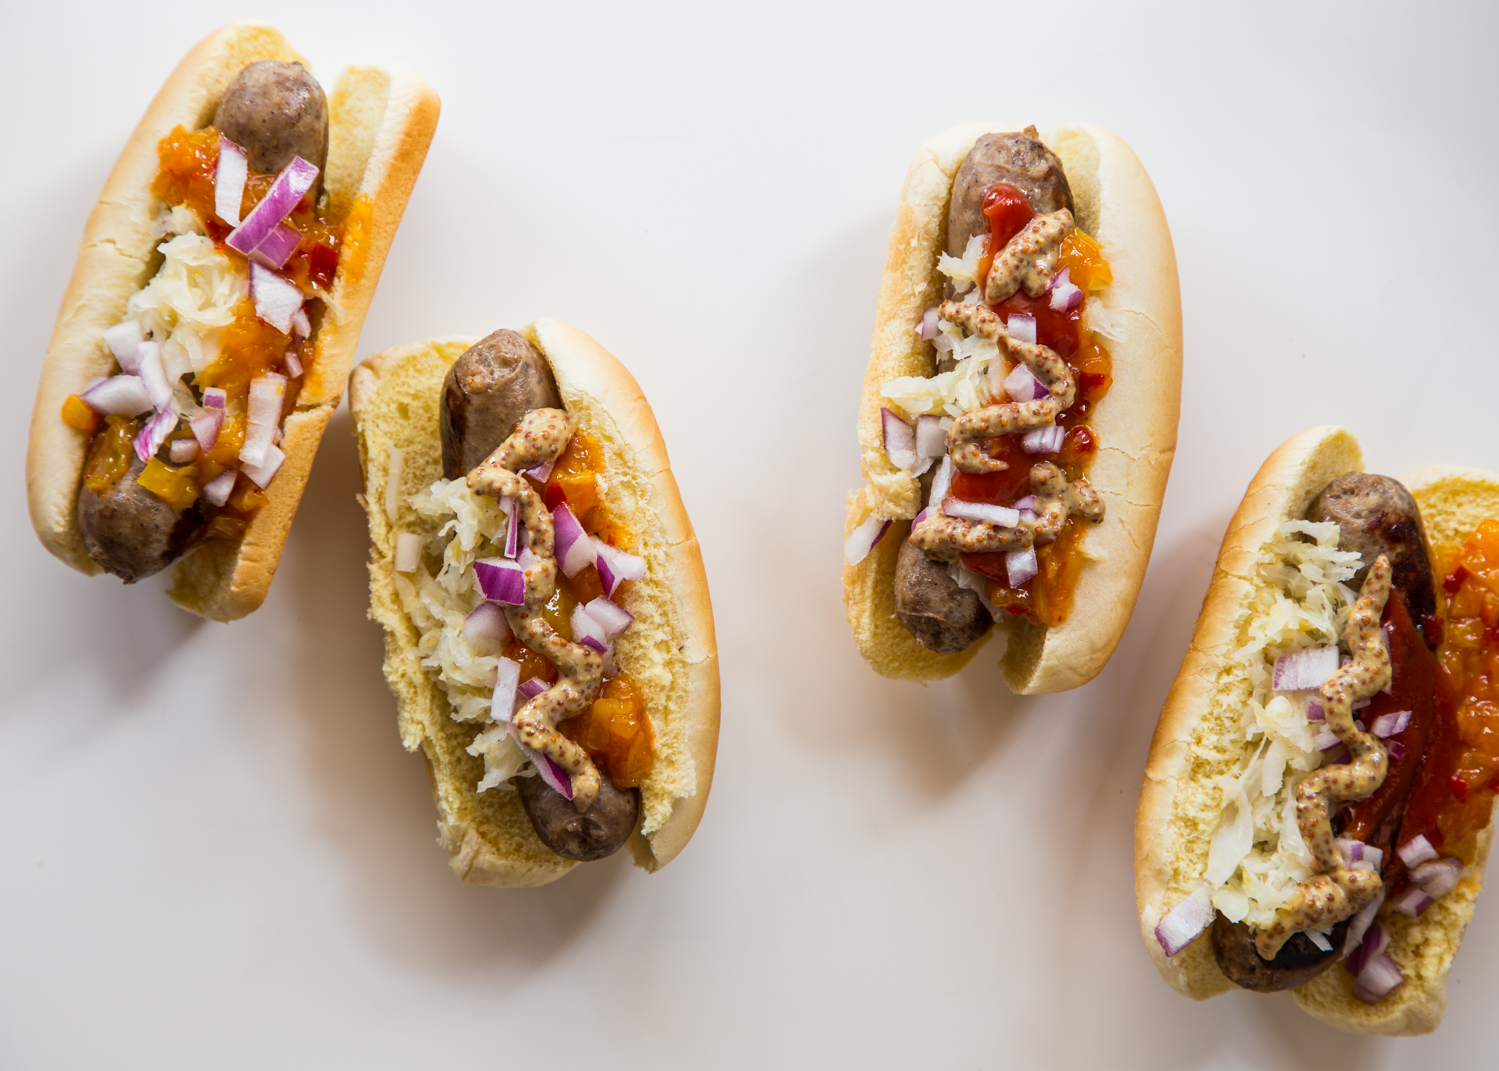 Bratwurst Hot Dog Toppings